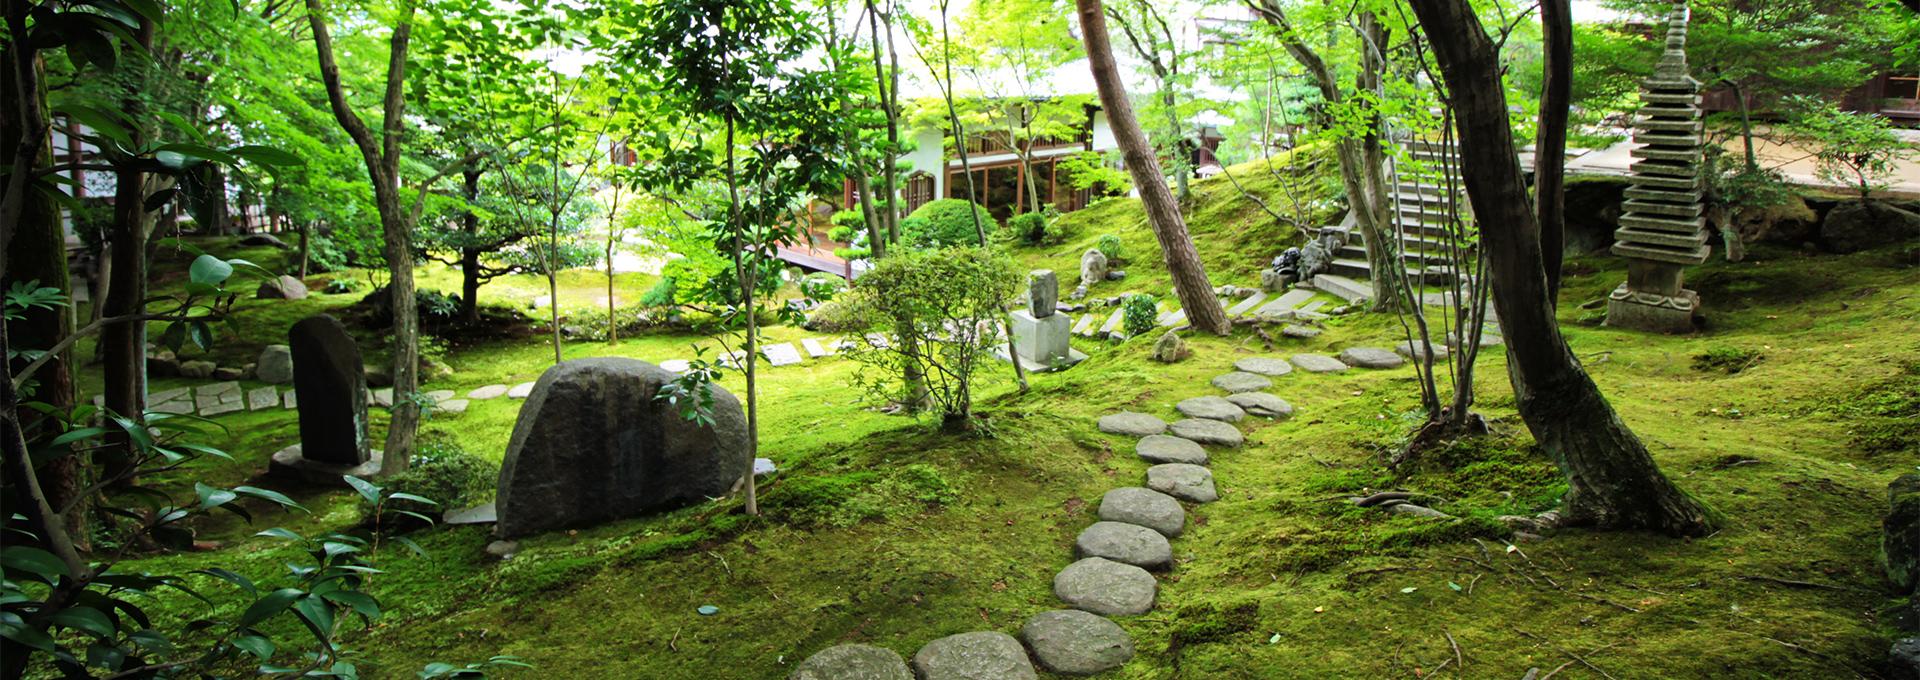 正覚庵の広い境内地風景